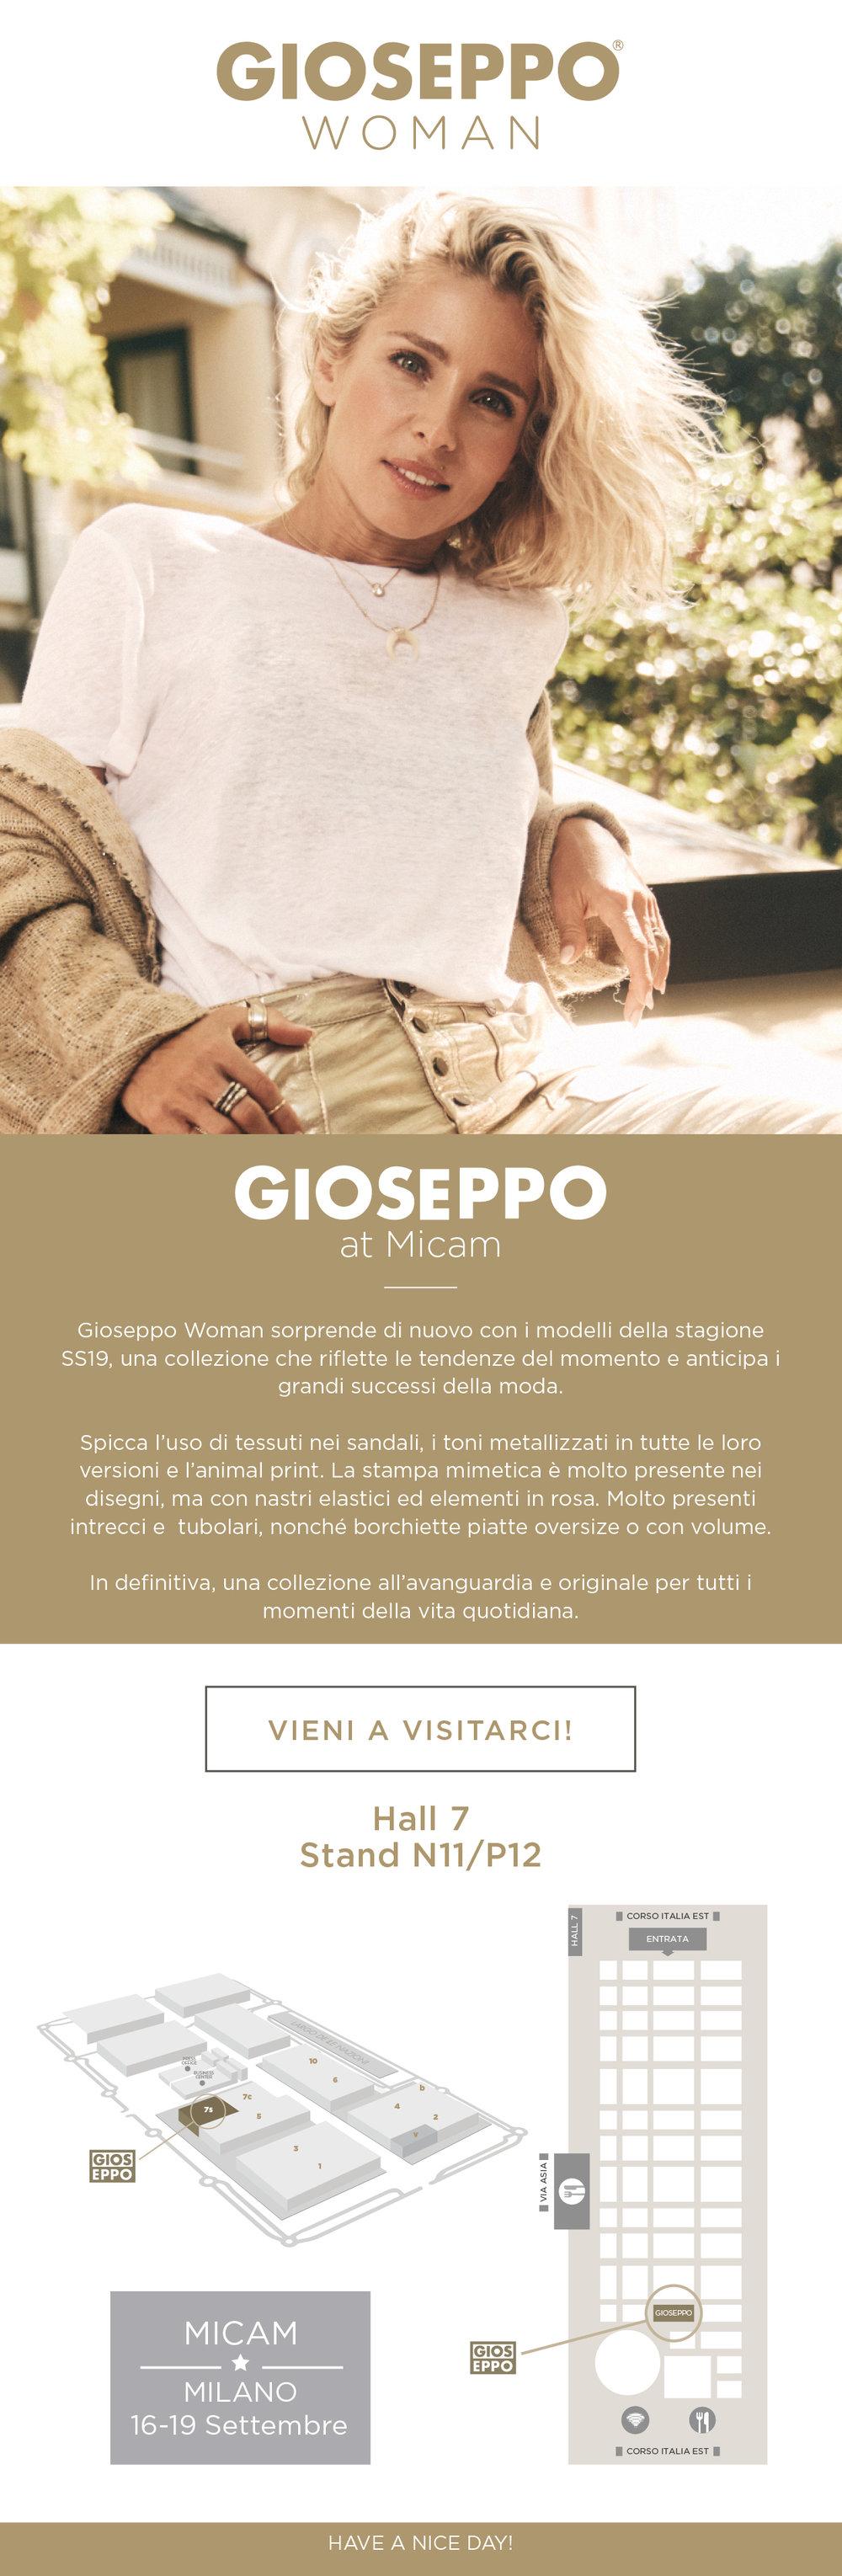 invitacion_micam_ITA.jpg